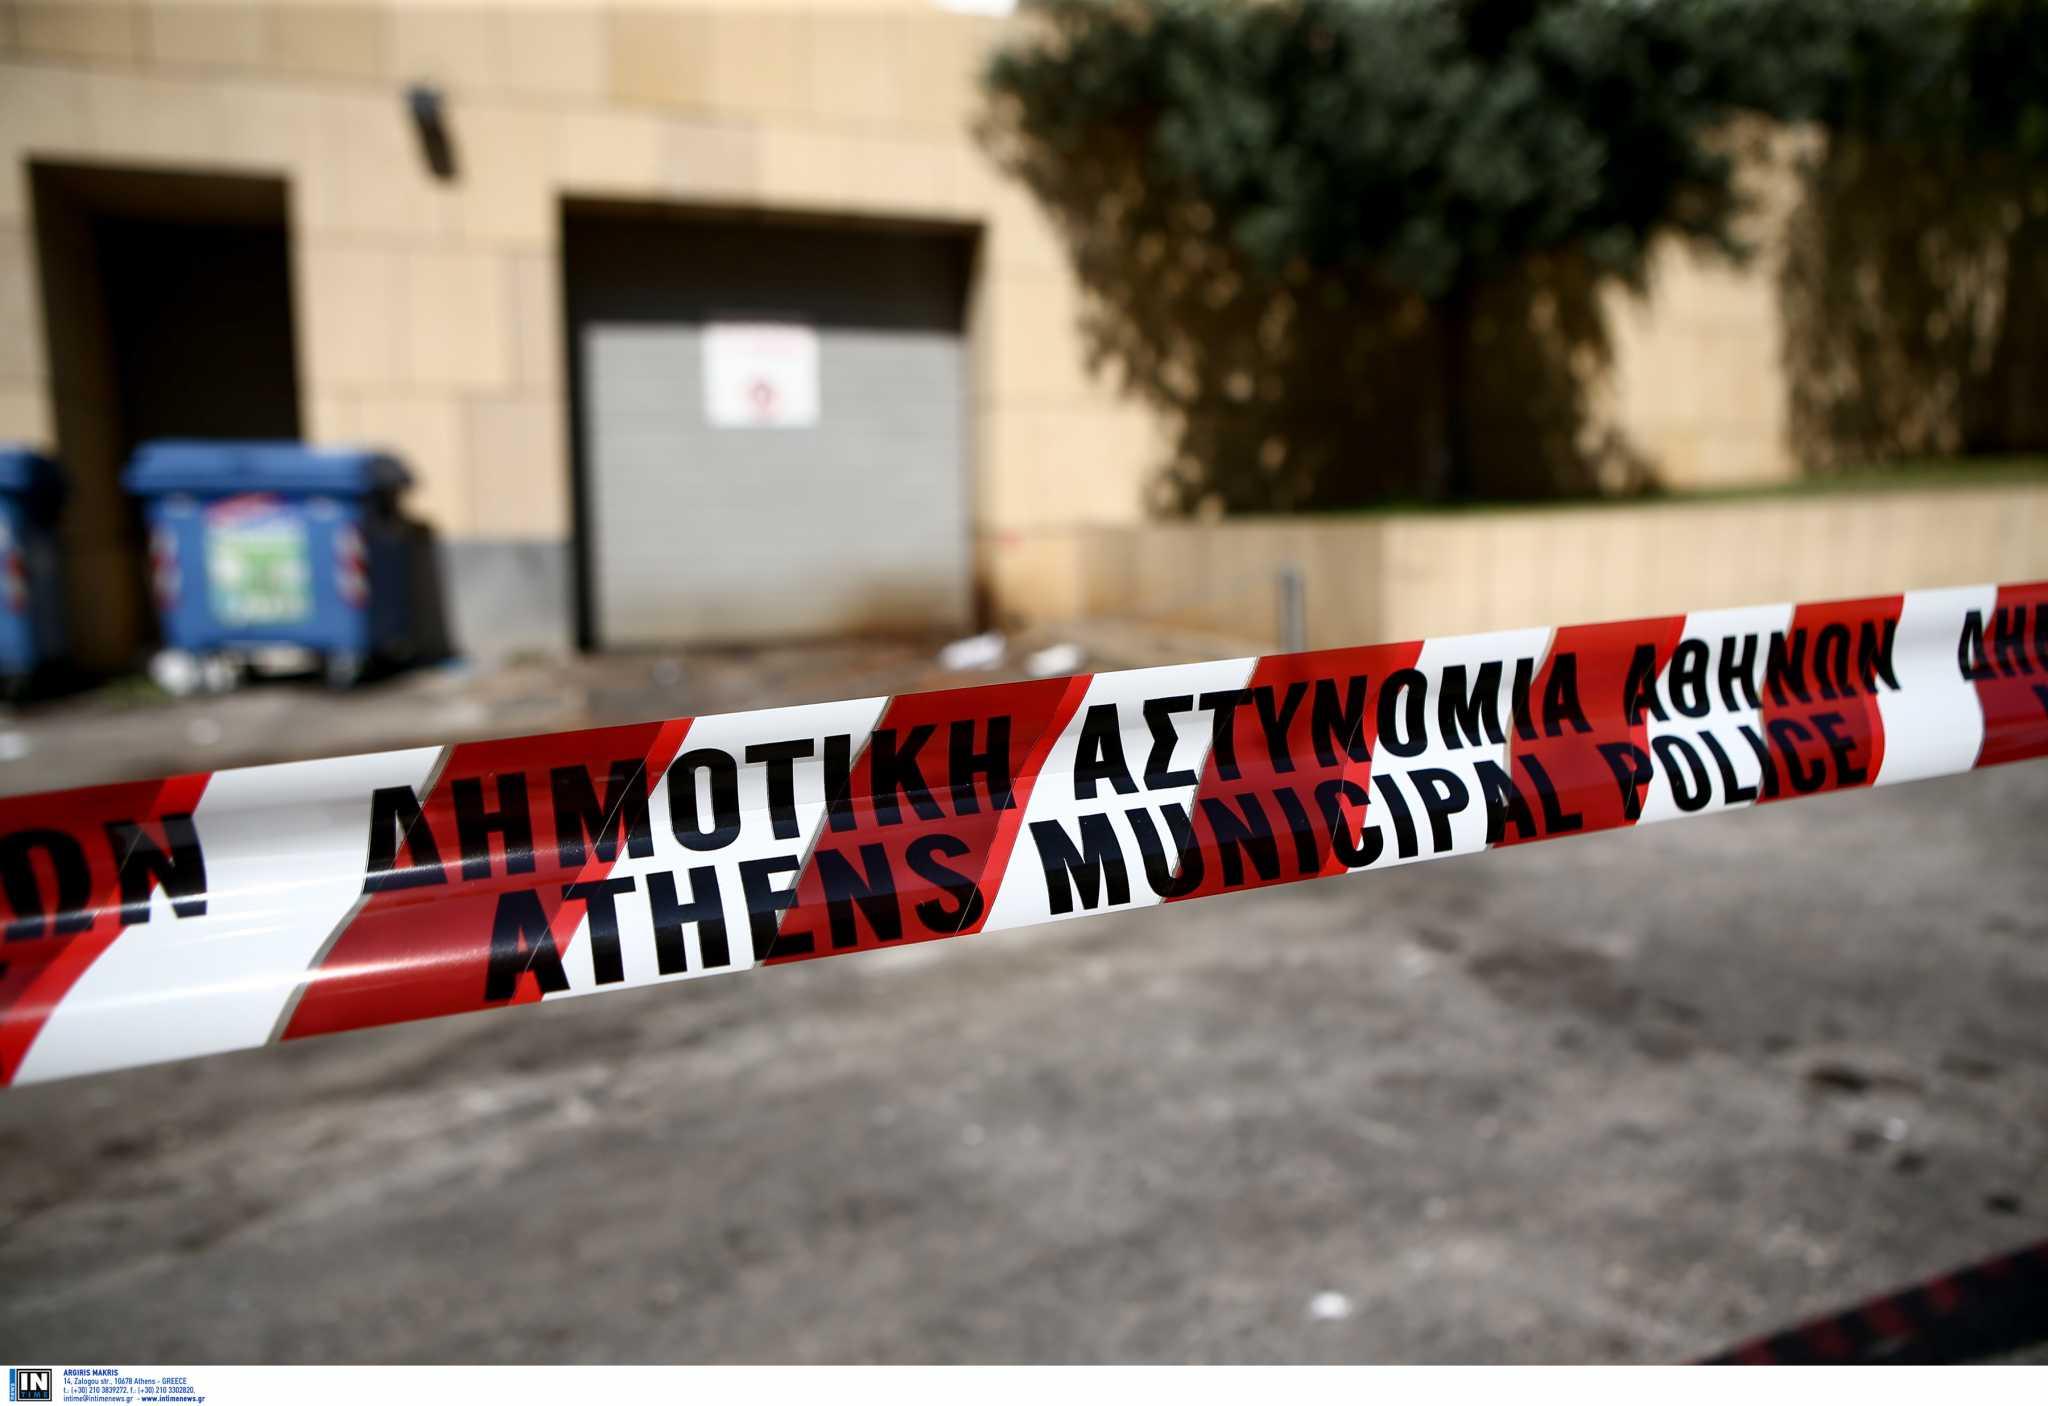 Χανιά: Έφυγαν οι αστυνομικοί και επέστρεψαν οι αναρχικοί – Καλούν σε συνέλευση στην αυλή του κτιρίου